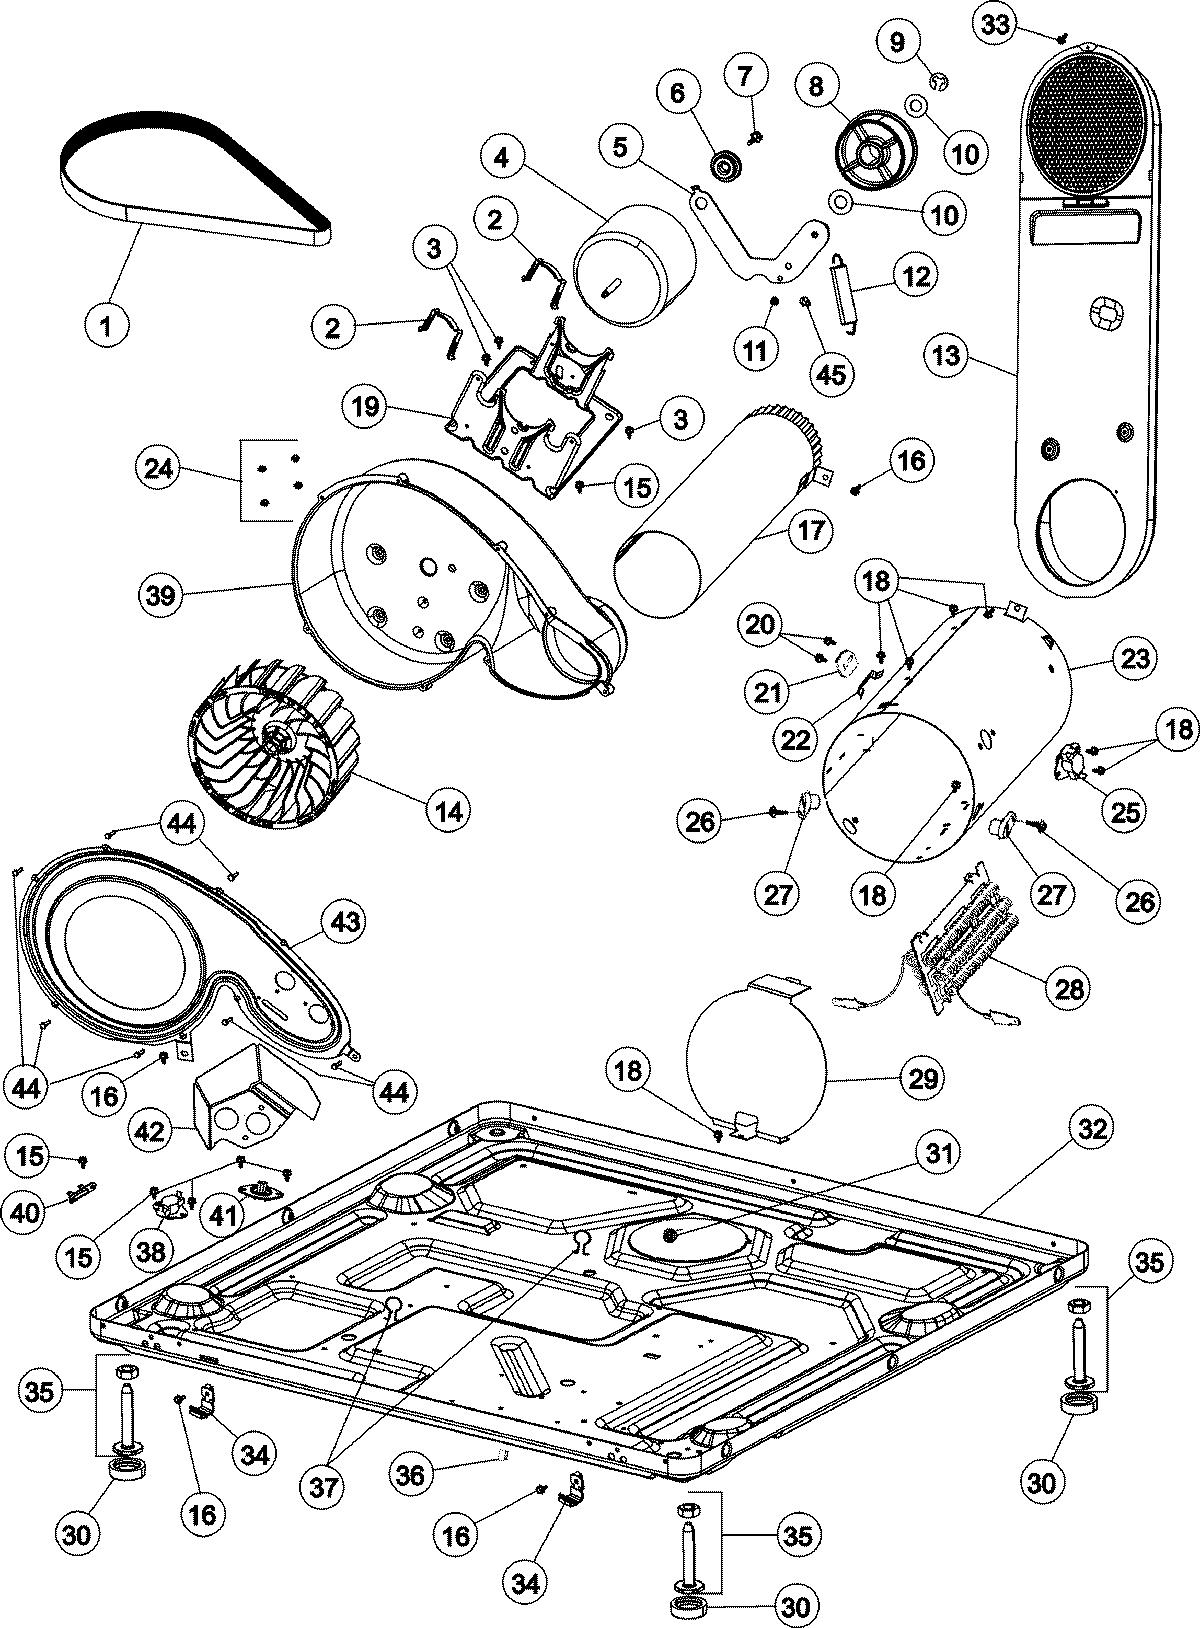 older maytag neptune dryer model mde800ayw electric dryer. Black Bedroom Furniture Sets. Home Design Ideas